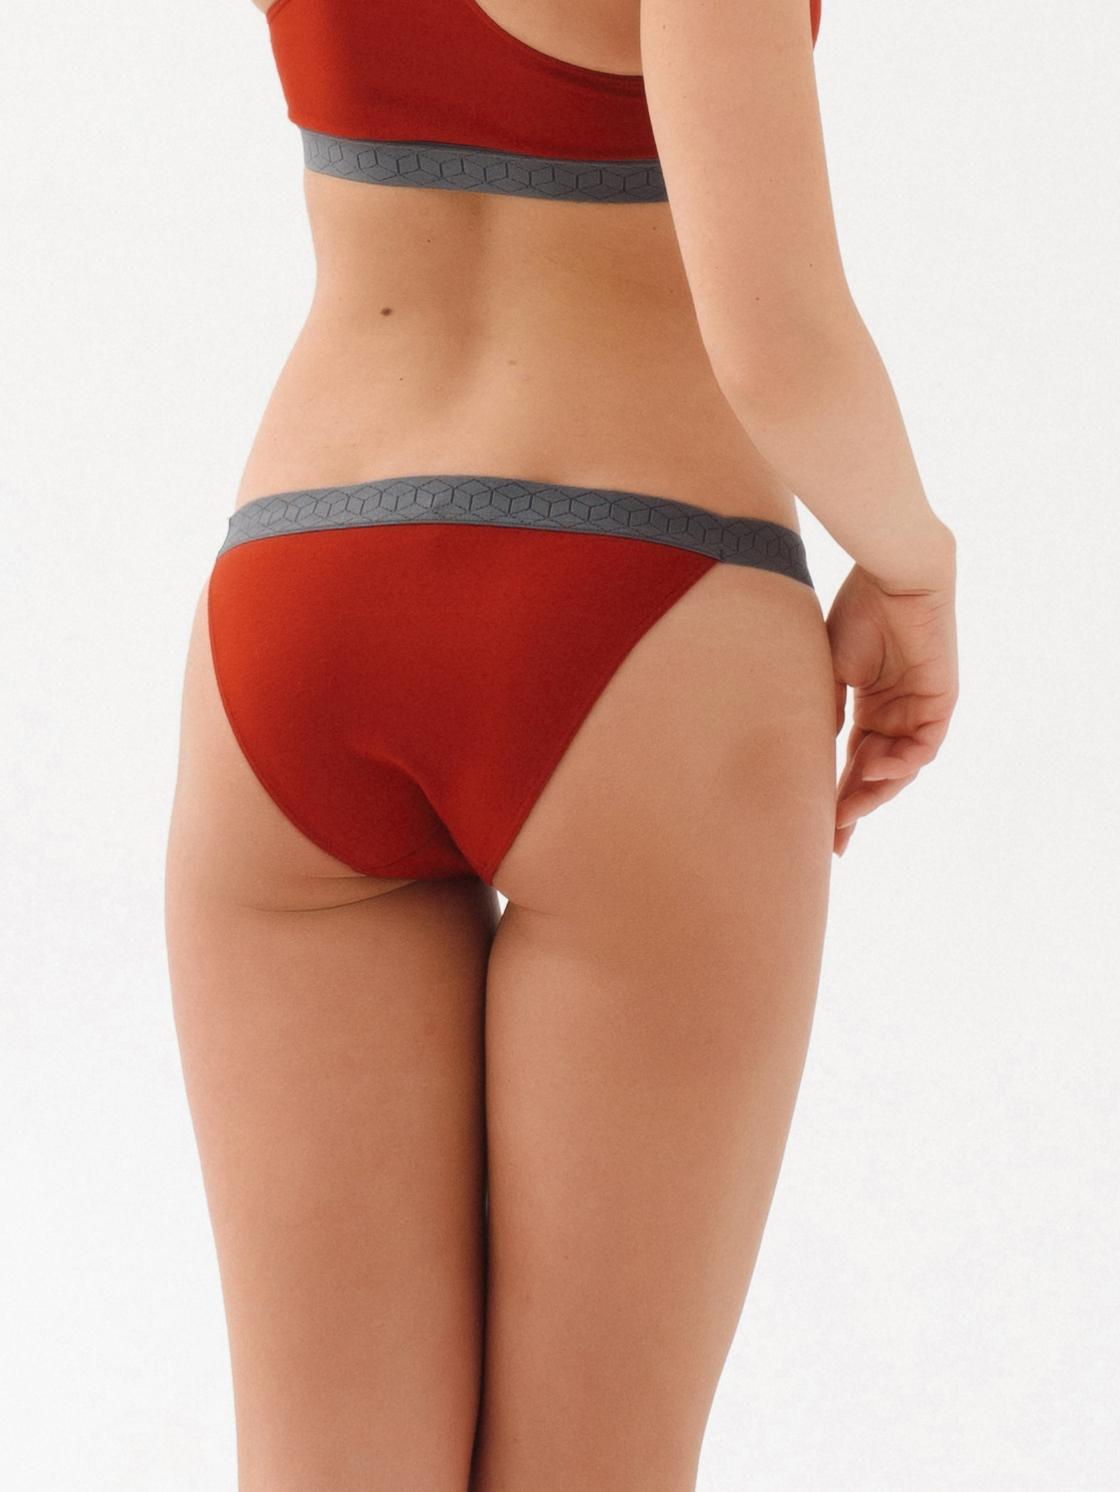 SMPL Underwear Спідня білизна жіночі модель tang.w.01.dark.red відгуки, 2017